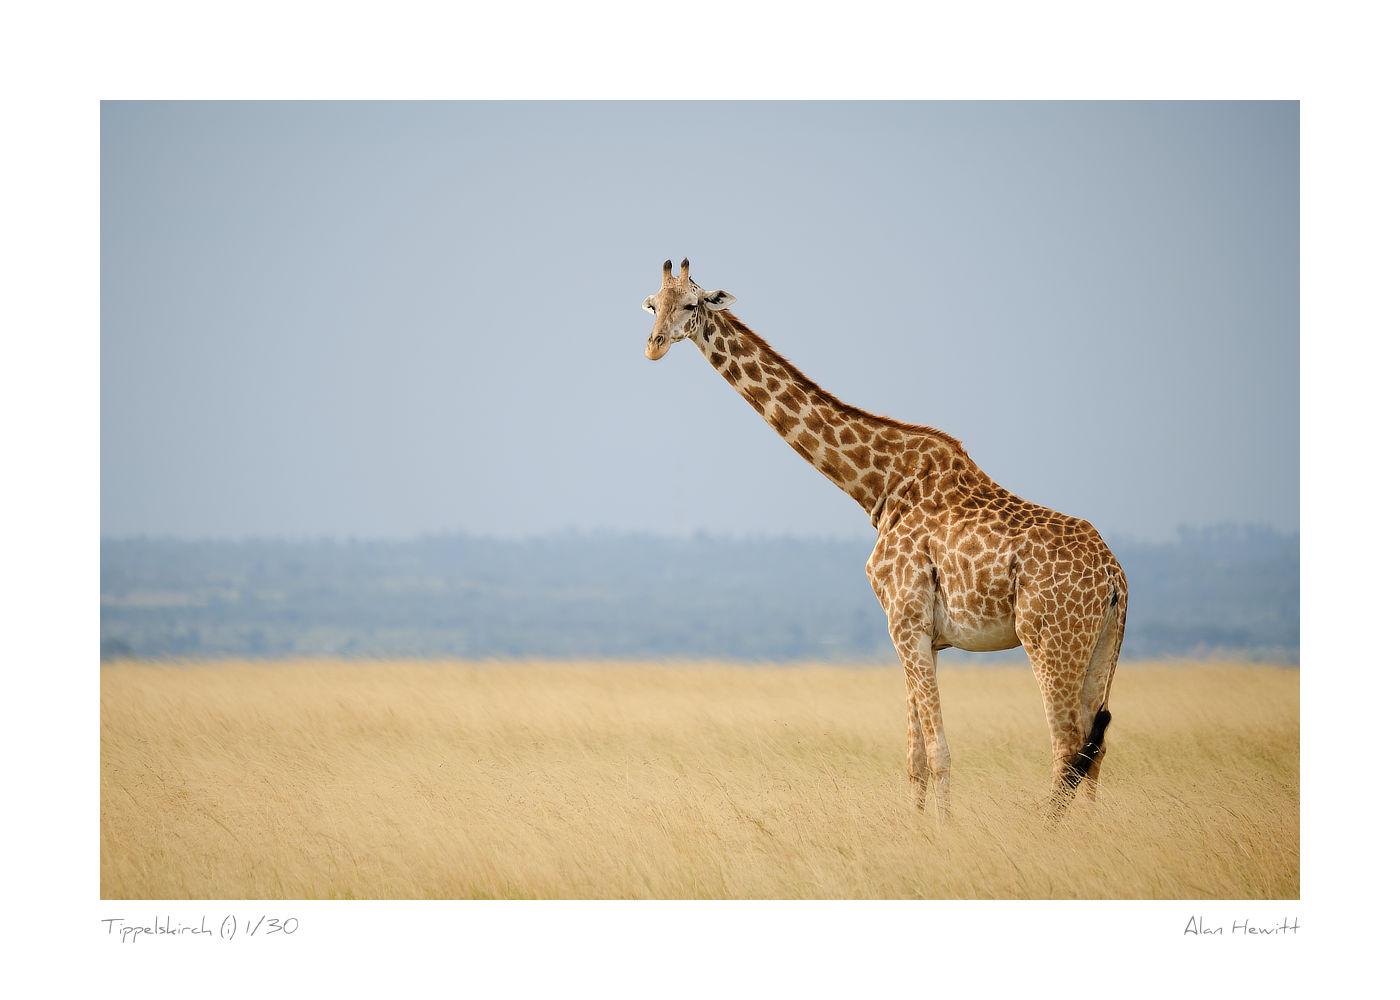 Wildlife Print Tippelskirch (i) Giraffe Alan Hewitt Photography